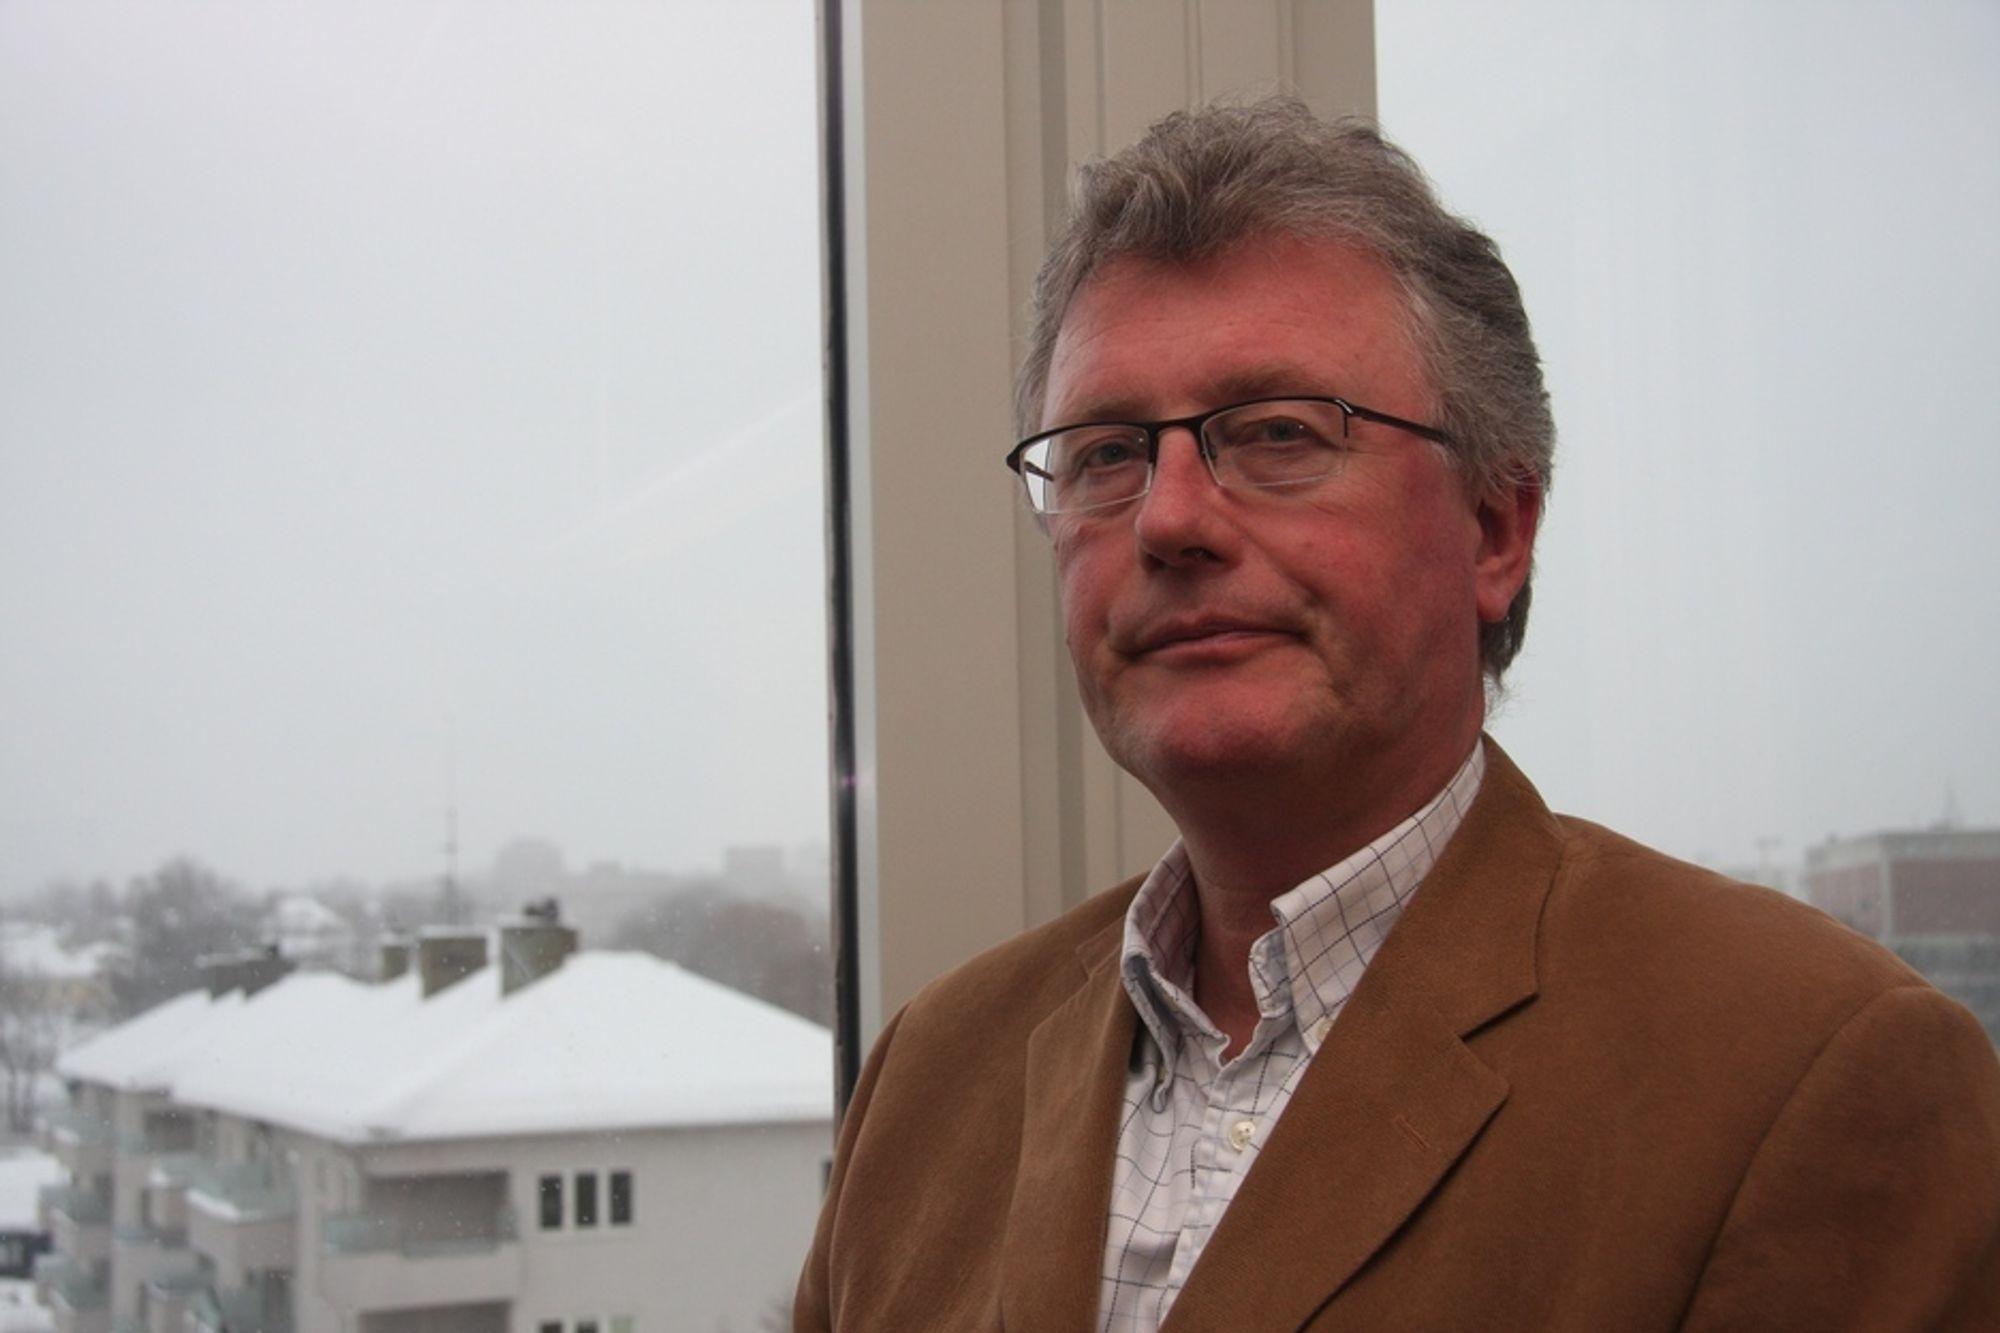 KRITISK: - Hvorfor er el så fryktelig skittent, spør direktør i Norsk Teknologi, Tore Strandskog.